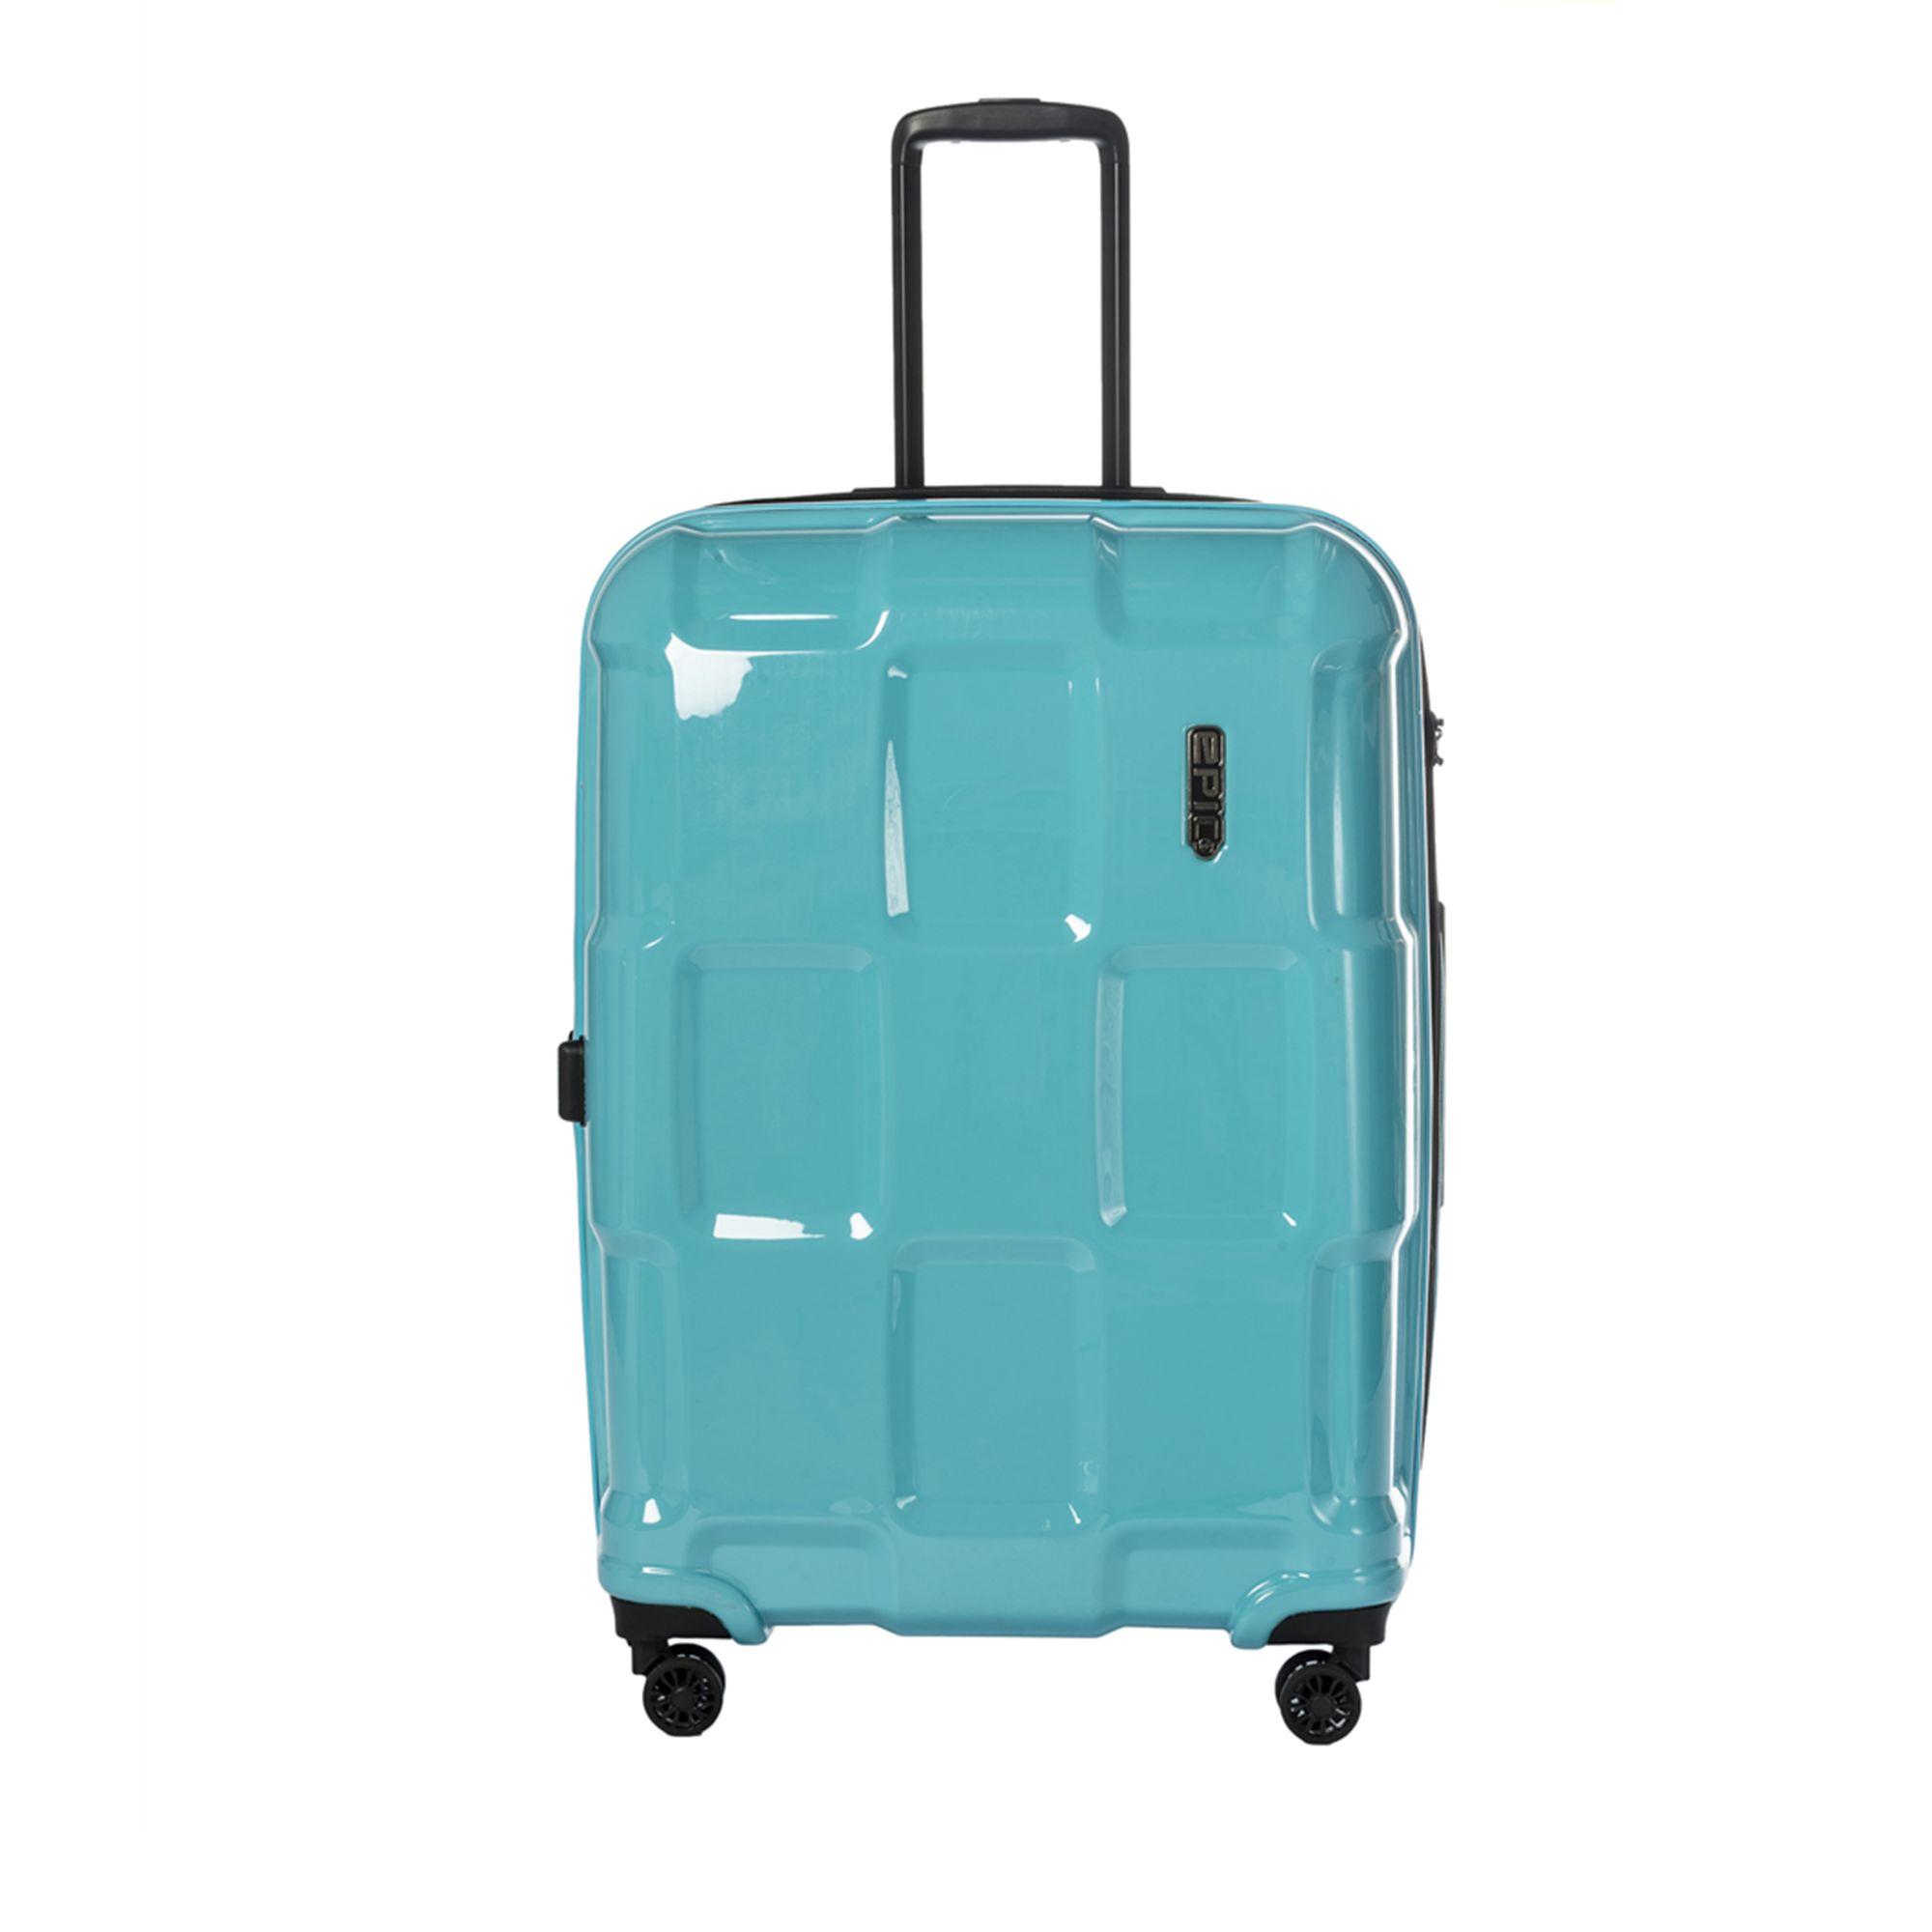 EPIC Crate EX Solids hård resväska, 4 hjul, 76 cm, Blå